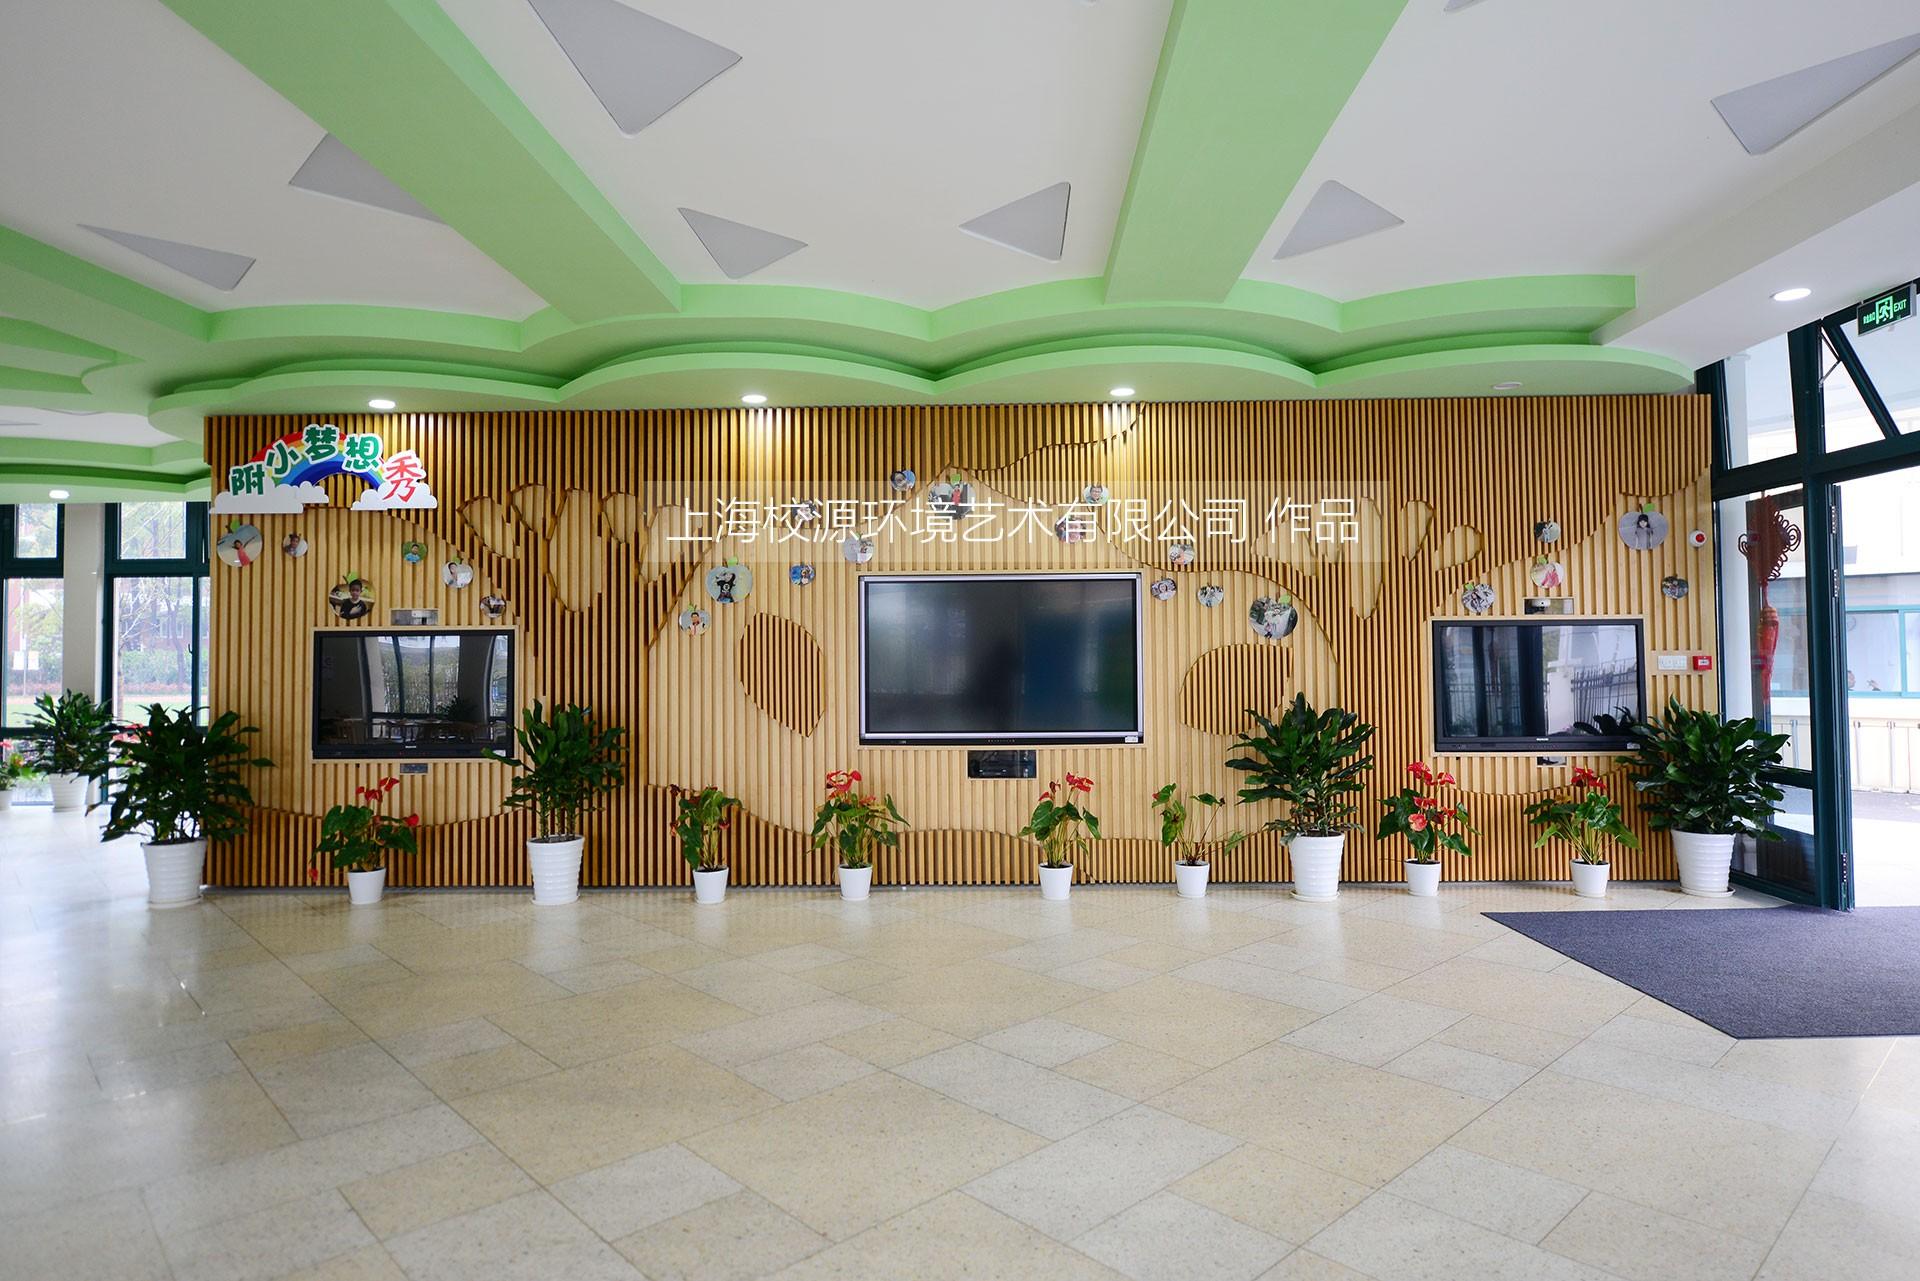 上海市第二师范学校附属小学 校园文化布置